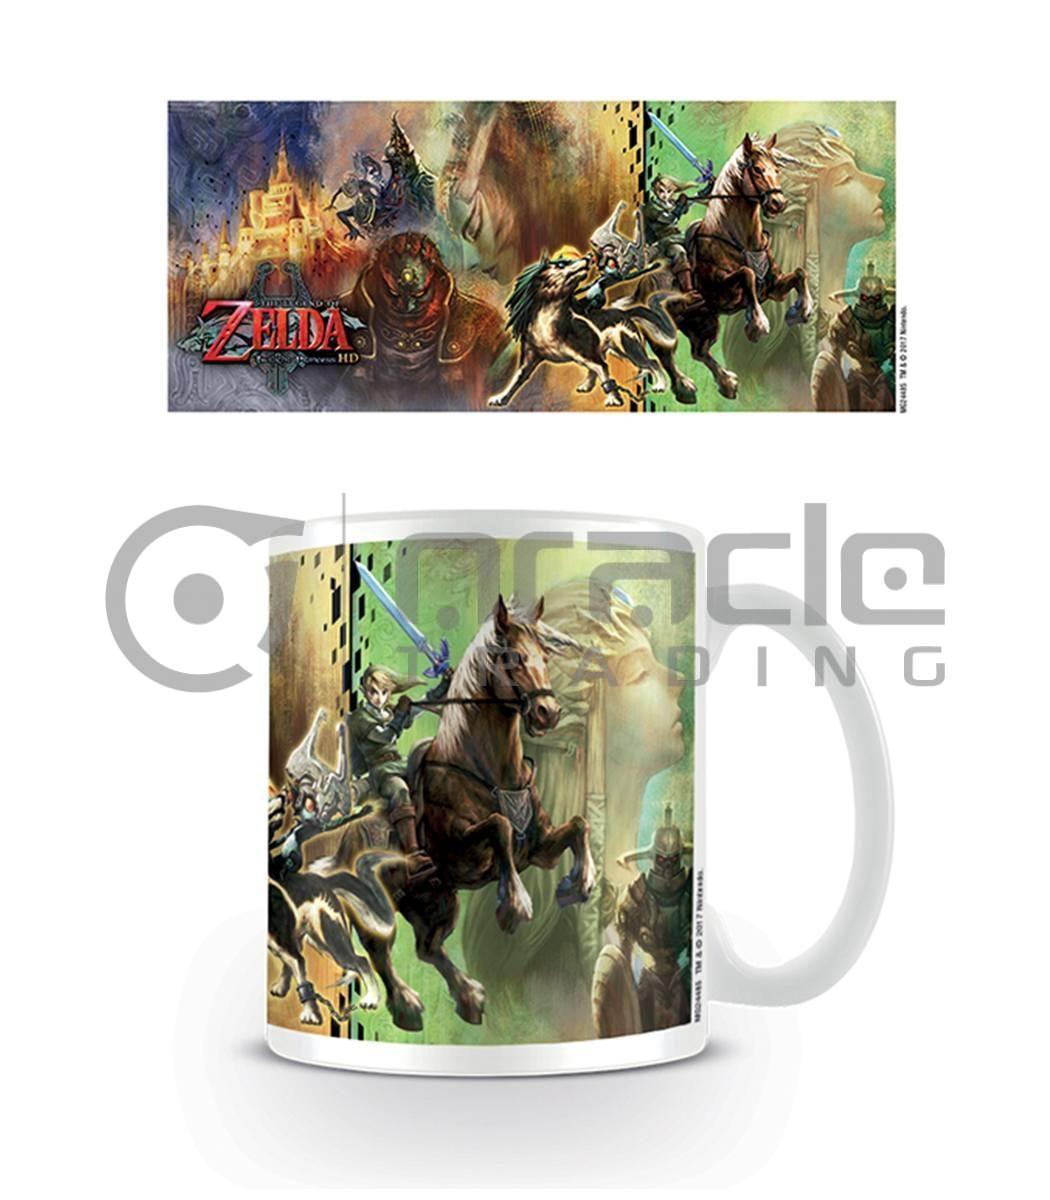 Zelda Twilight Princess Mug